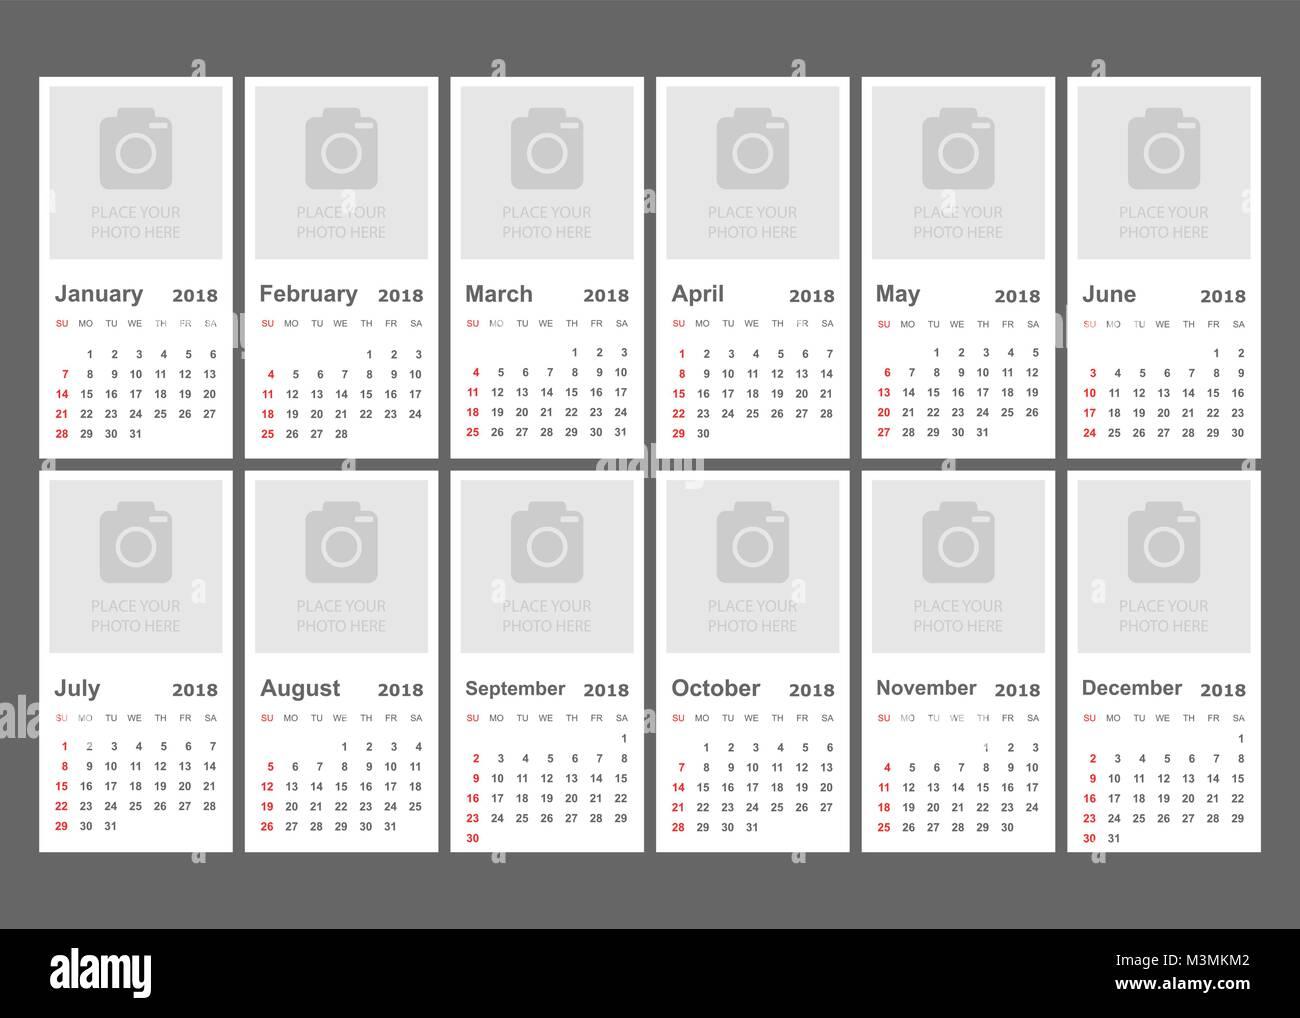 Beste Monatliche Kalenderplaner Vorlage Bilder - Entry Level Resume ...